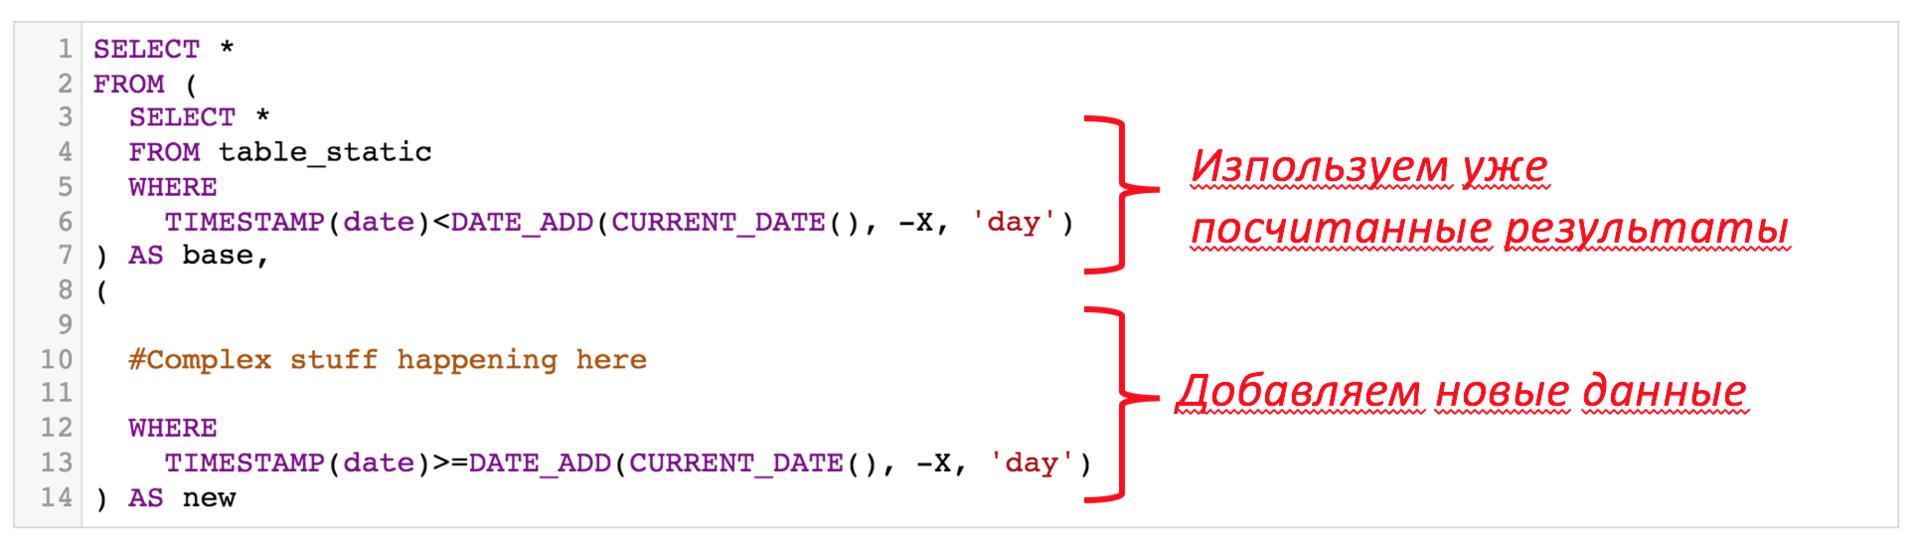 Строим надёжный процессинг данных — лямбда архитектура внутри Google BigQuery - 3